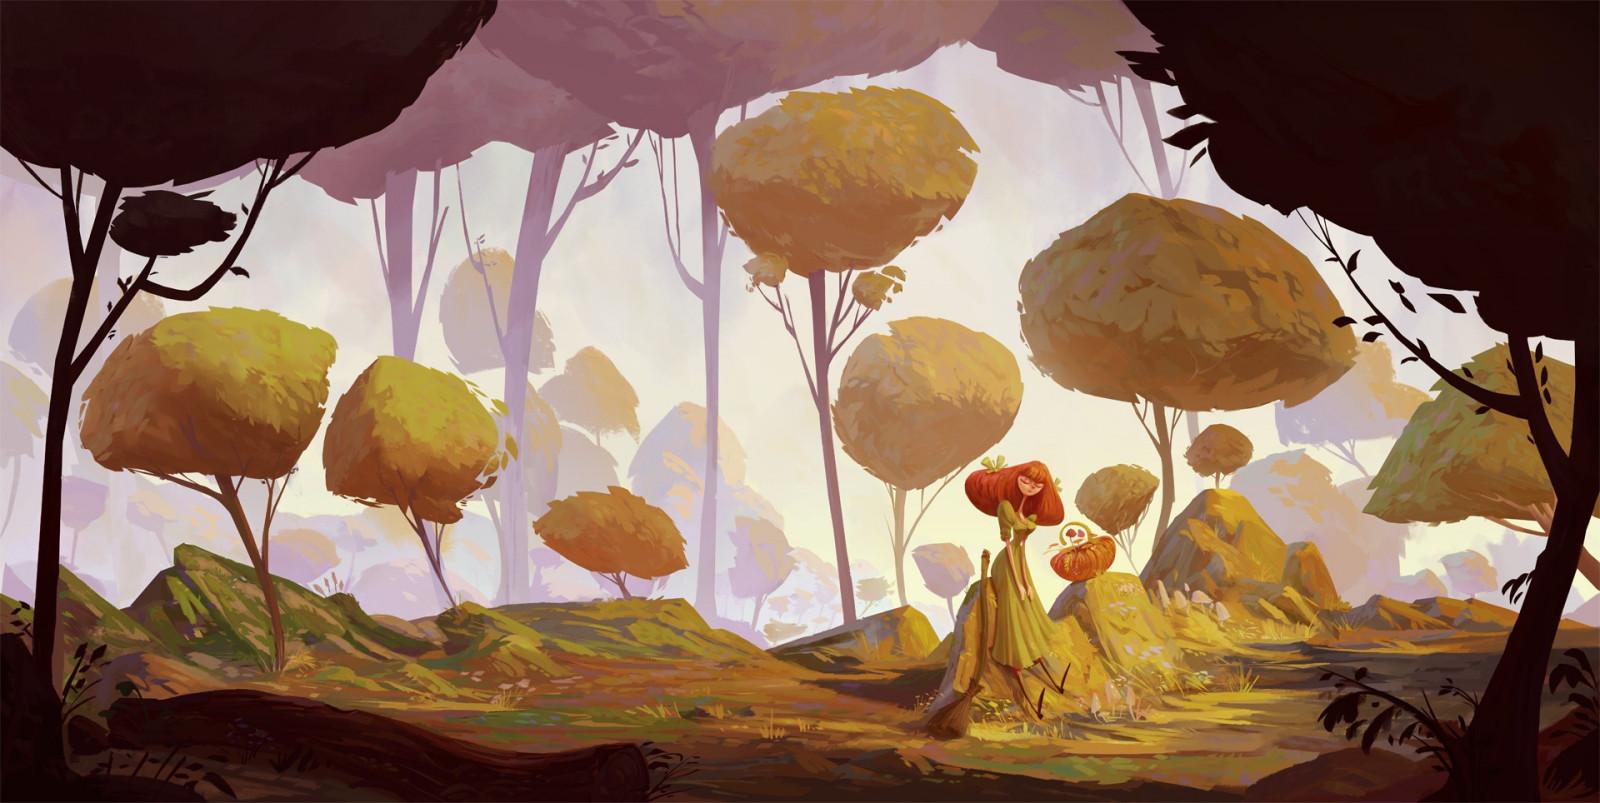 Sfondi la pittura foresta illustrazione cartone